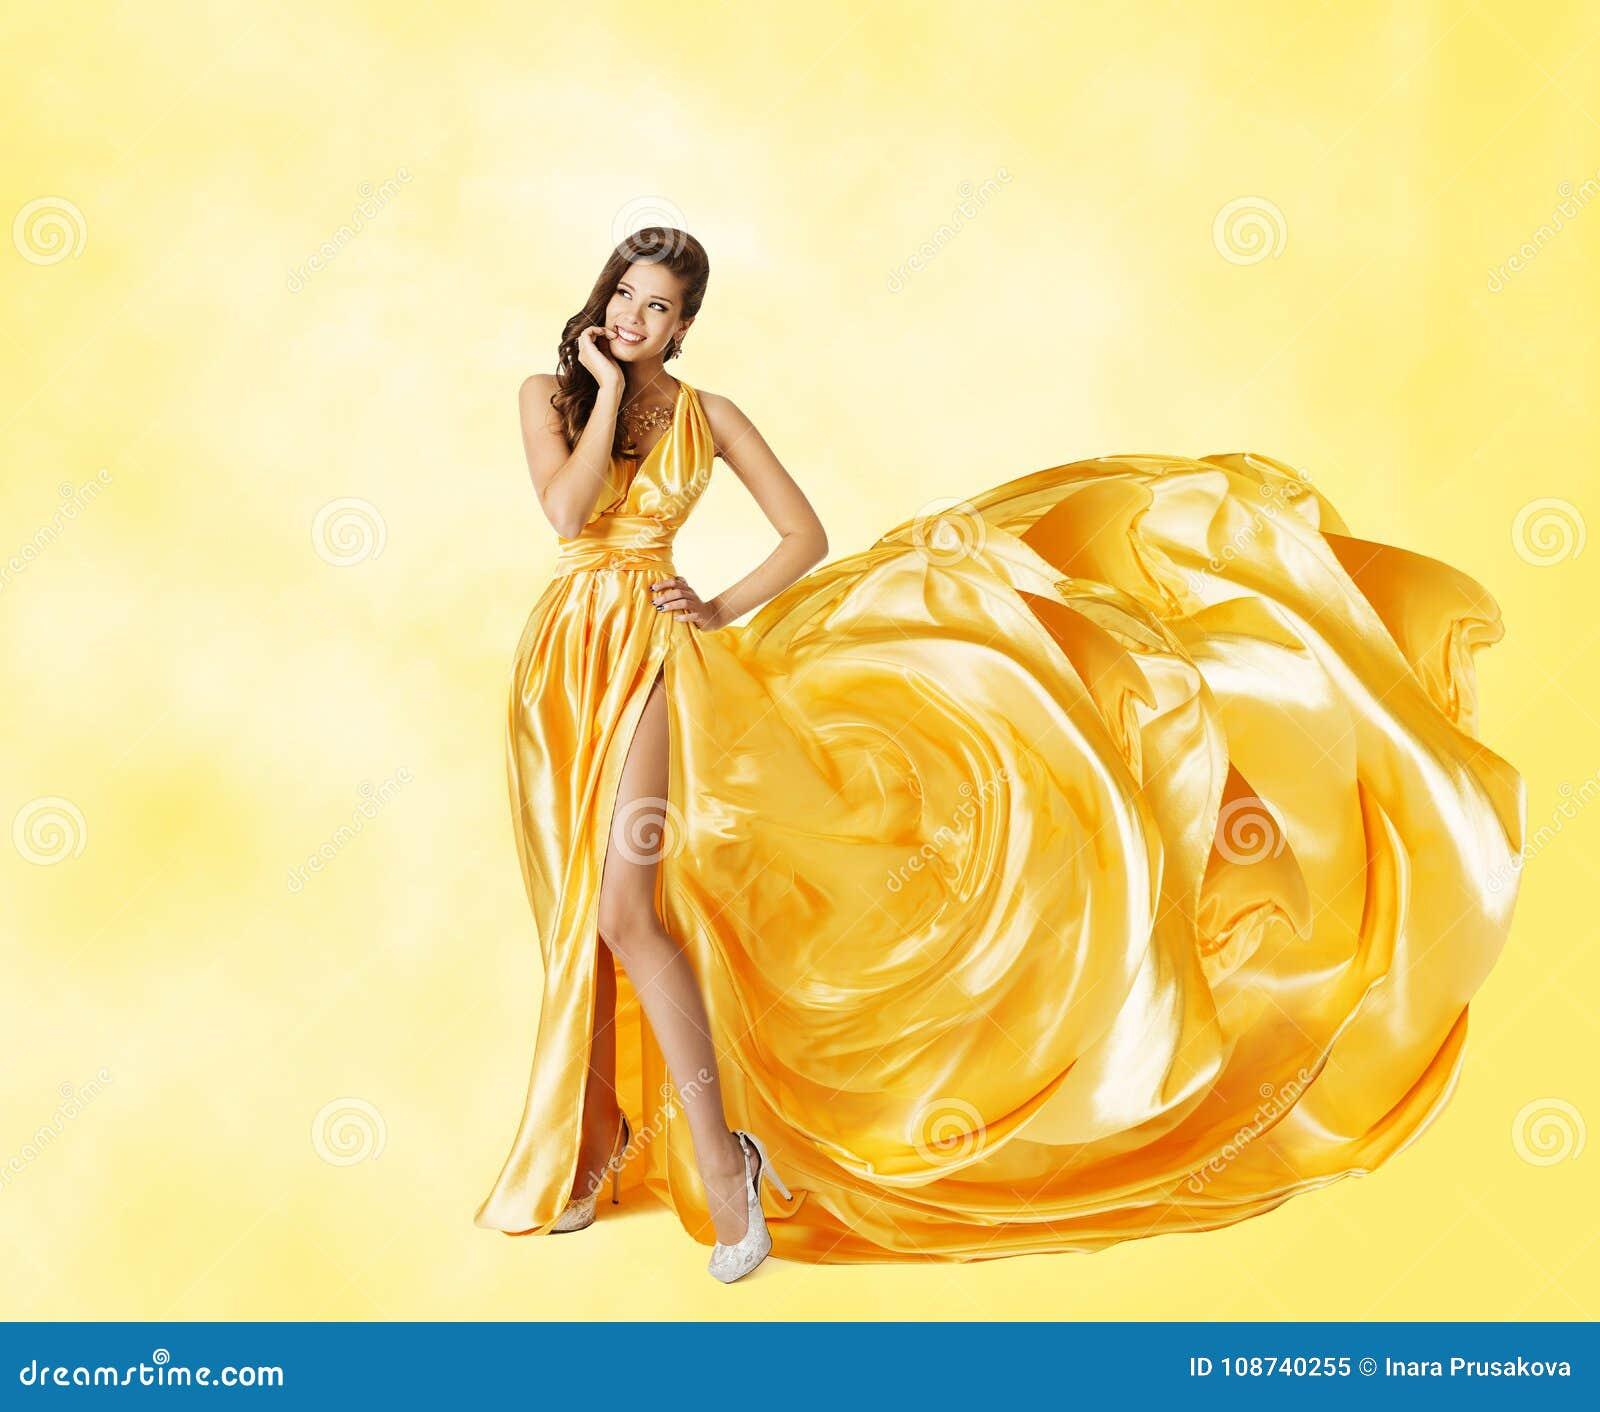 Платье желтого цвета женщины, счастливая фотомодель в элегантной длинной мантии